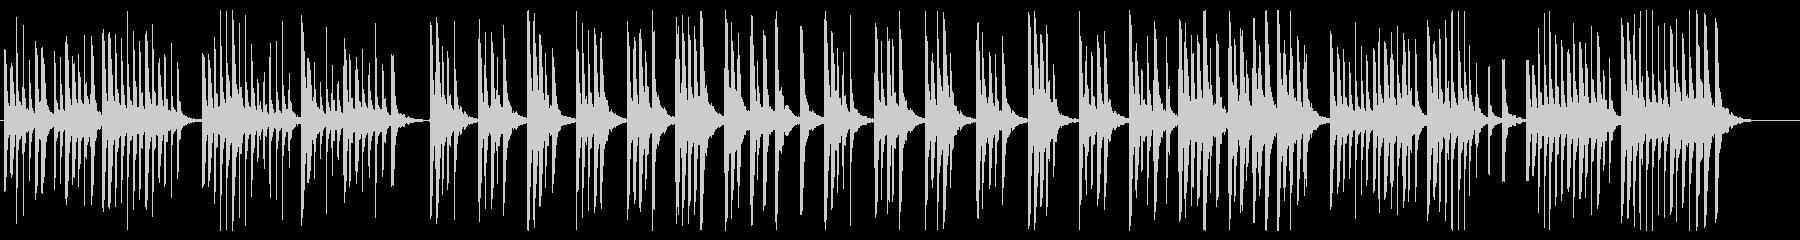 かわいらしく弾むピアノ曲の未再生の波形